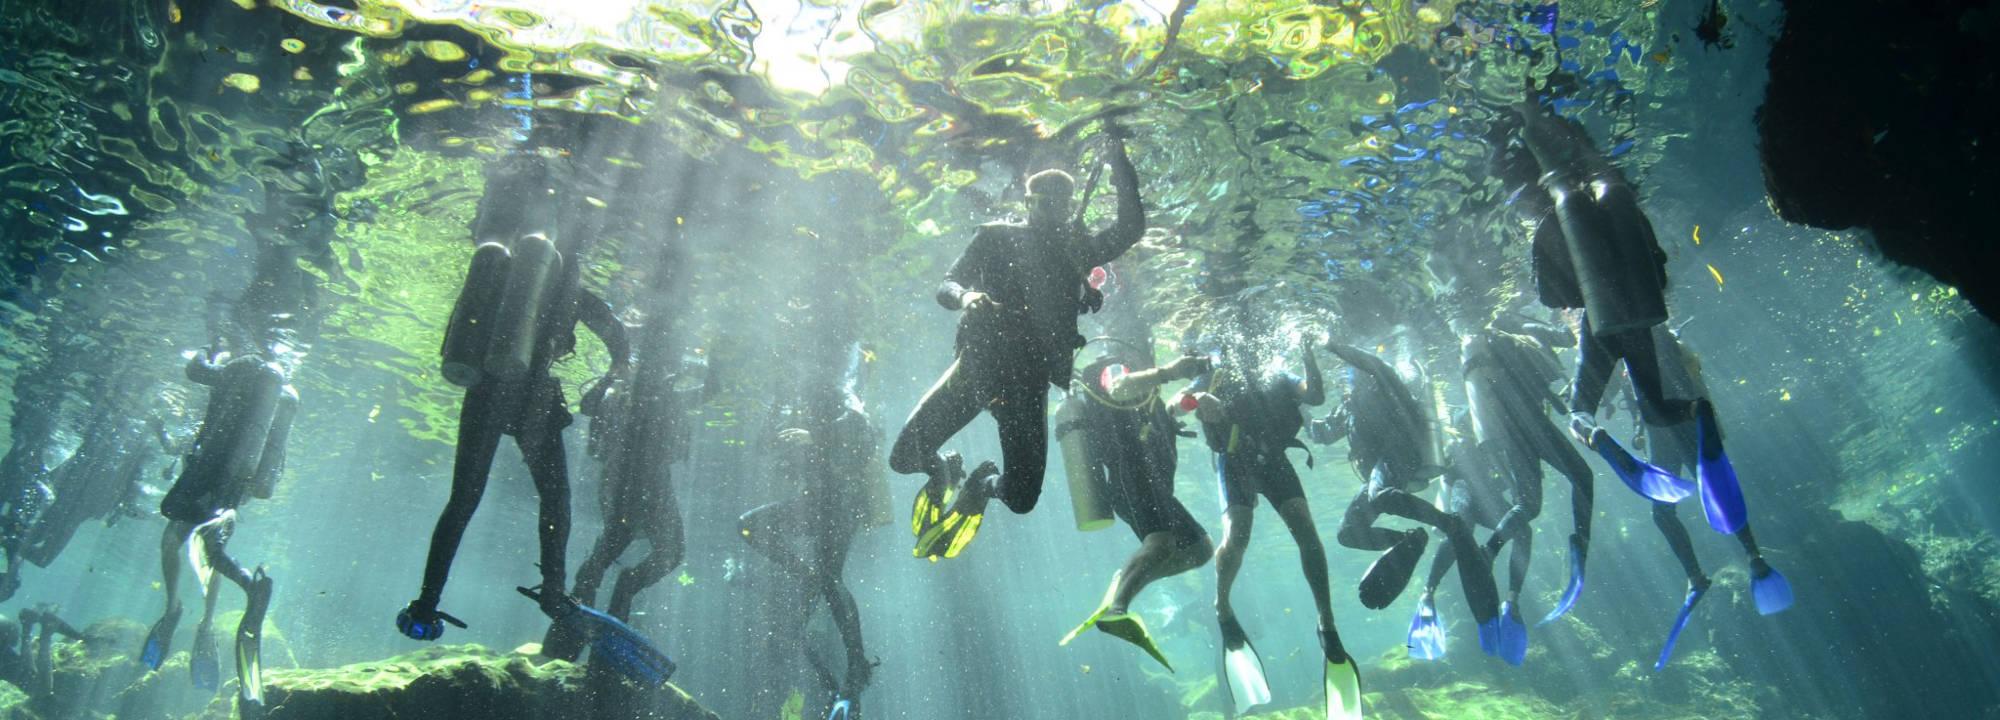 mergulho em cavernas